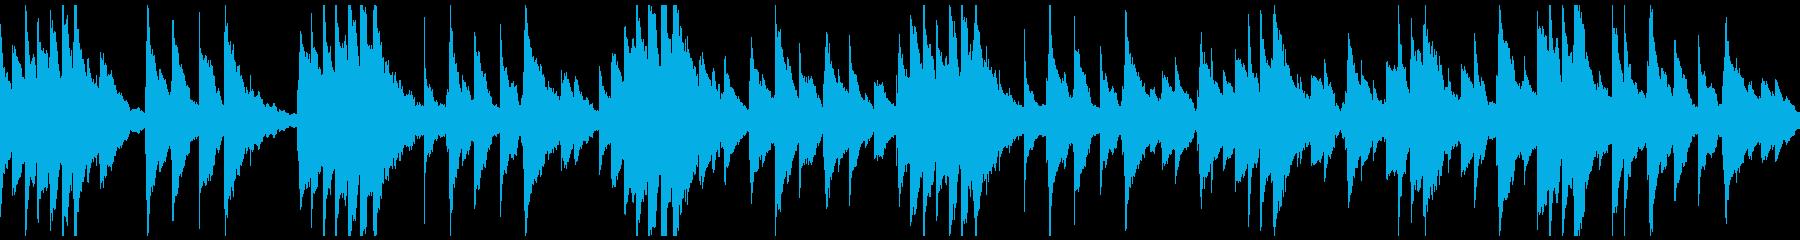 優しく感動的な雰囲気の オルゴールBGMの再生済みの波形